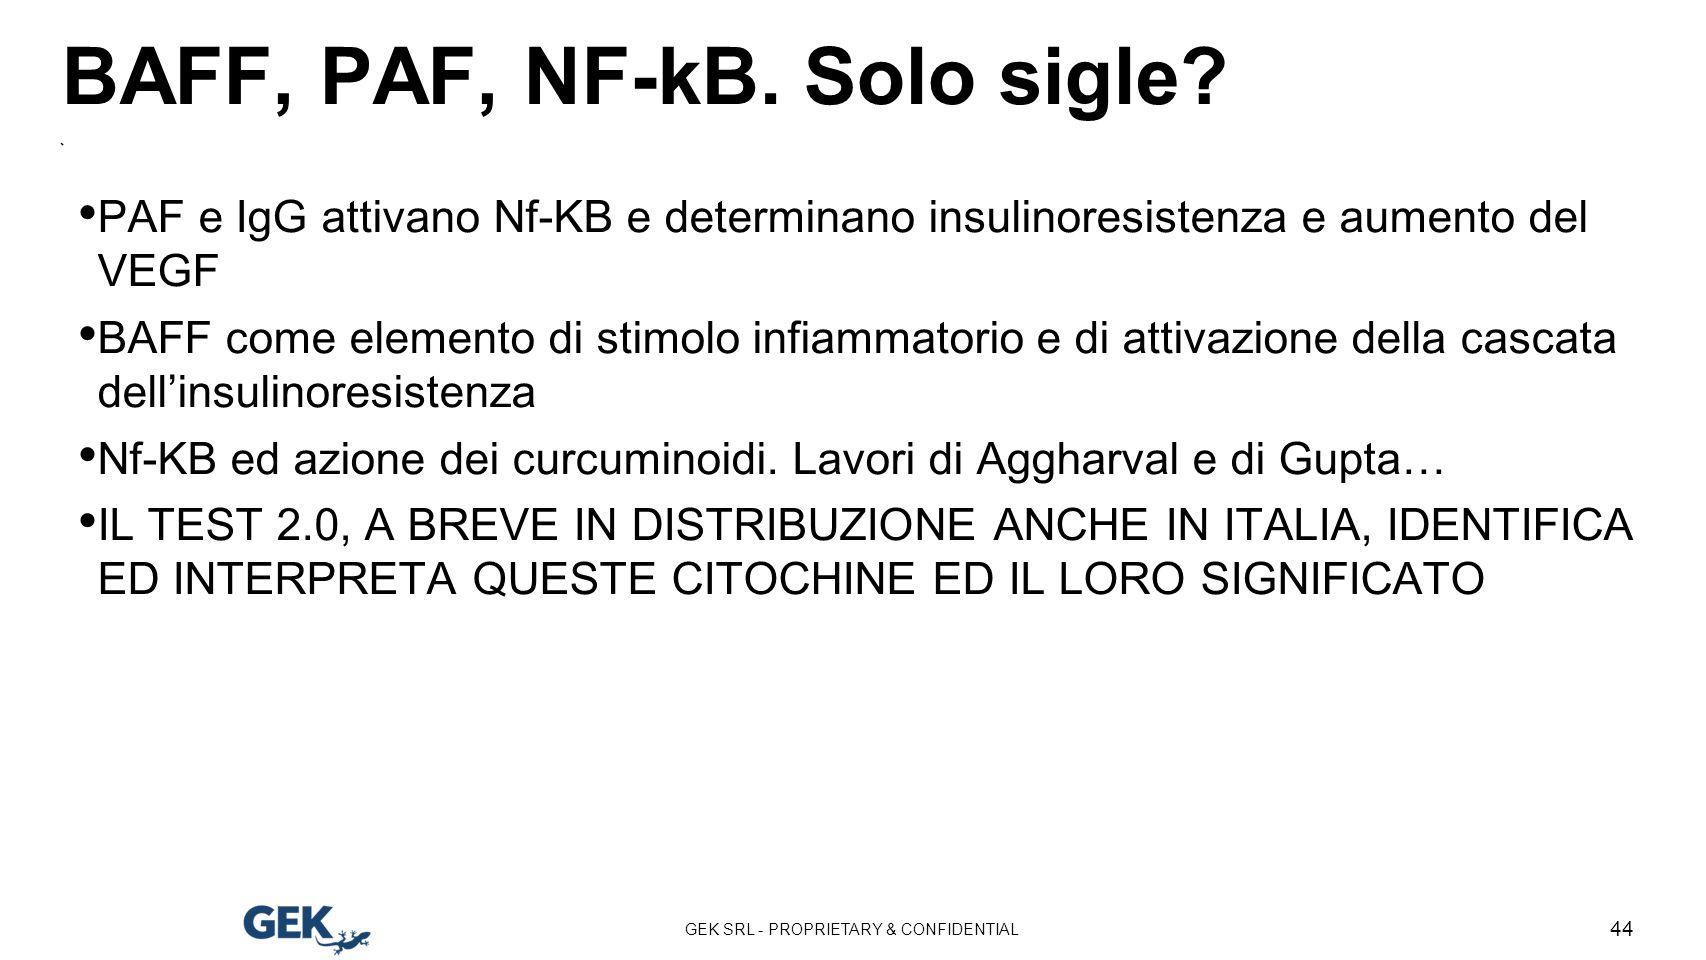 BAFF, PAF, NF-kB. Solo sigle